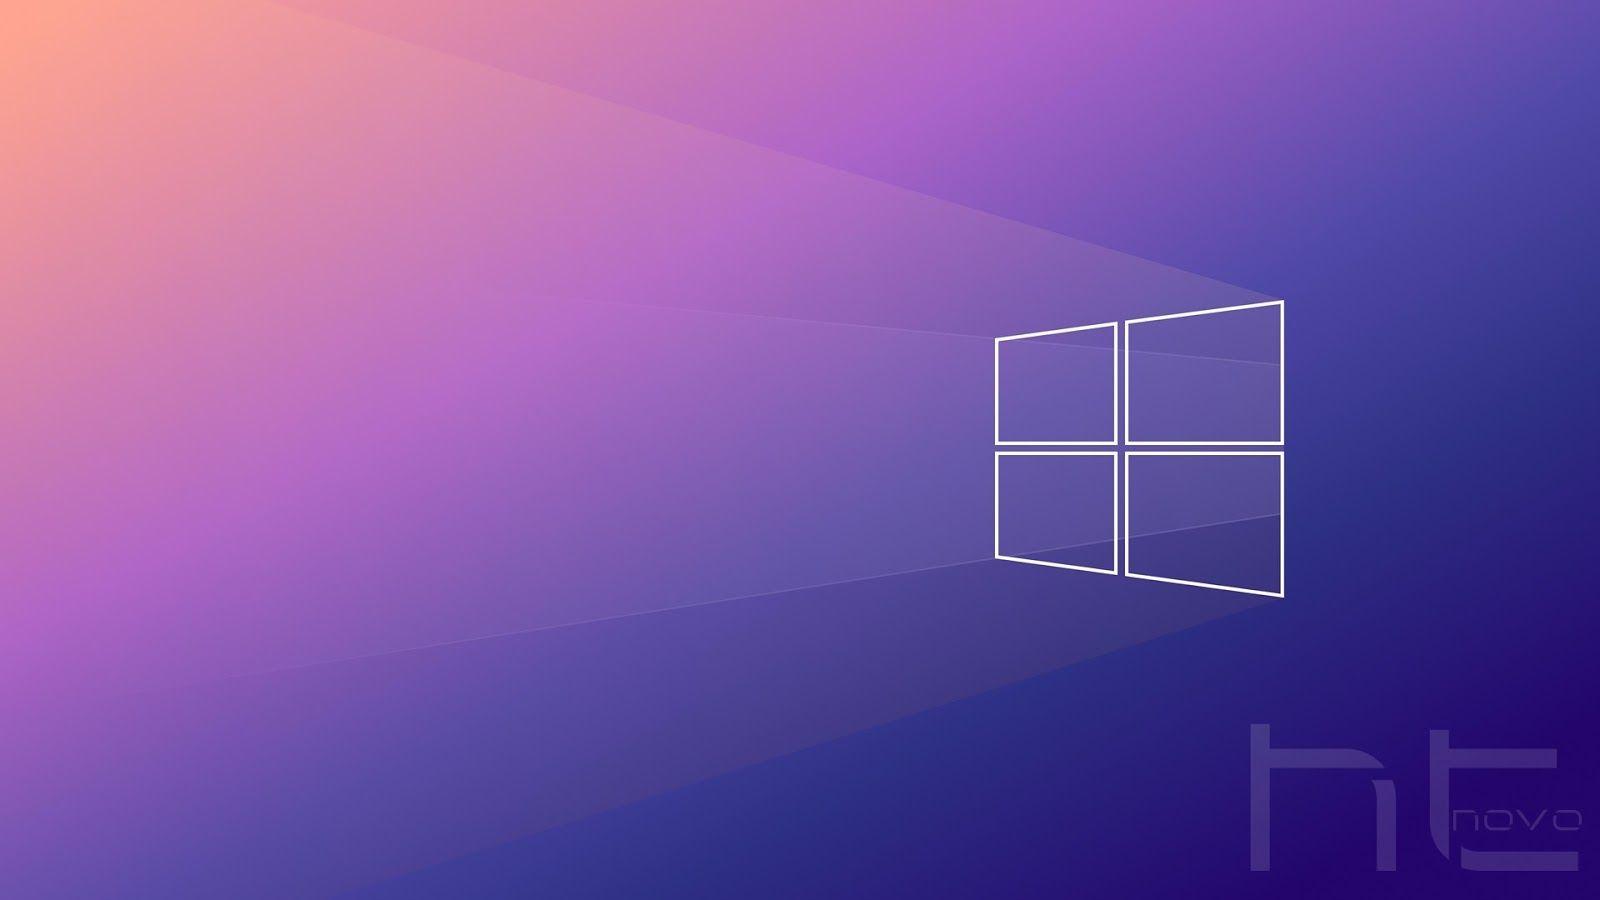 Aggiornamento Per Windows 10 Versione 2004 Build 19041 329 Wallpaper Windows 10 Microsoft Wallpaper Windows Wallpaper